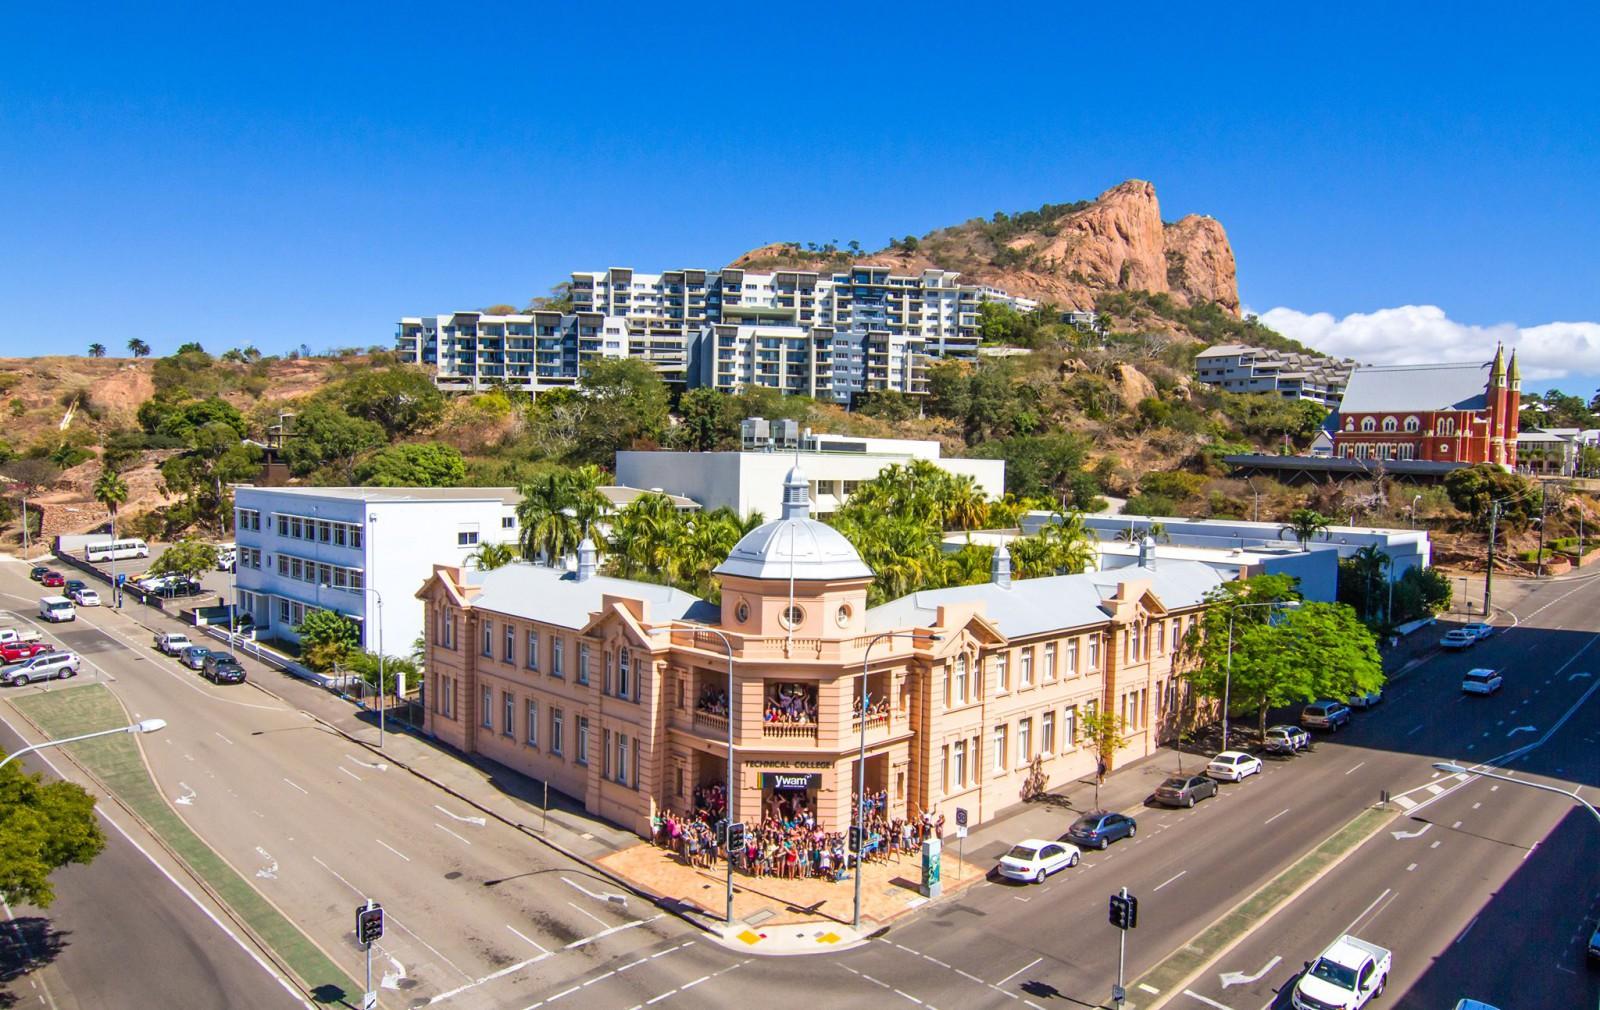 #Townsville | Cidade da Austrália